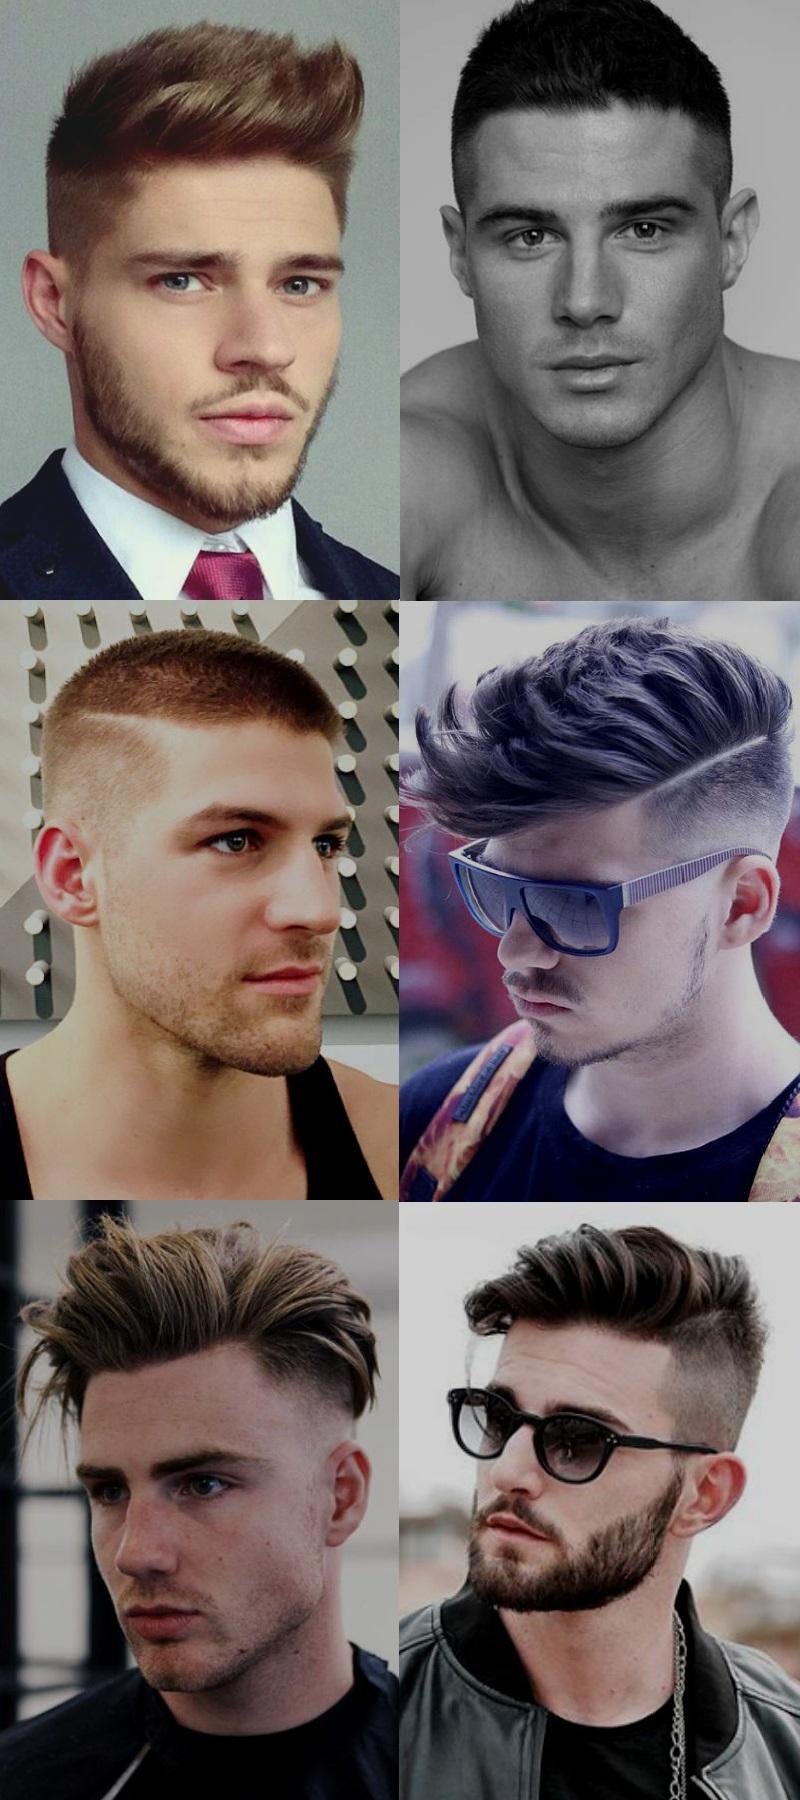 Homem No Espelho - Cortes de cabelo masculinos 2016 - Desconectados